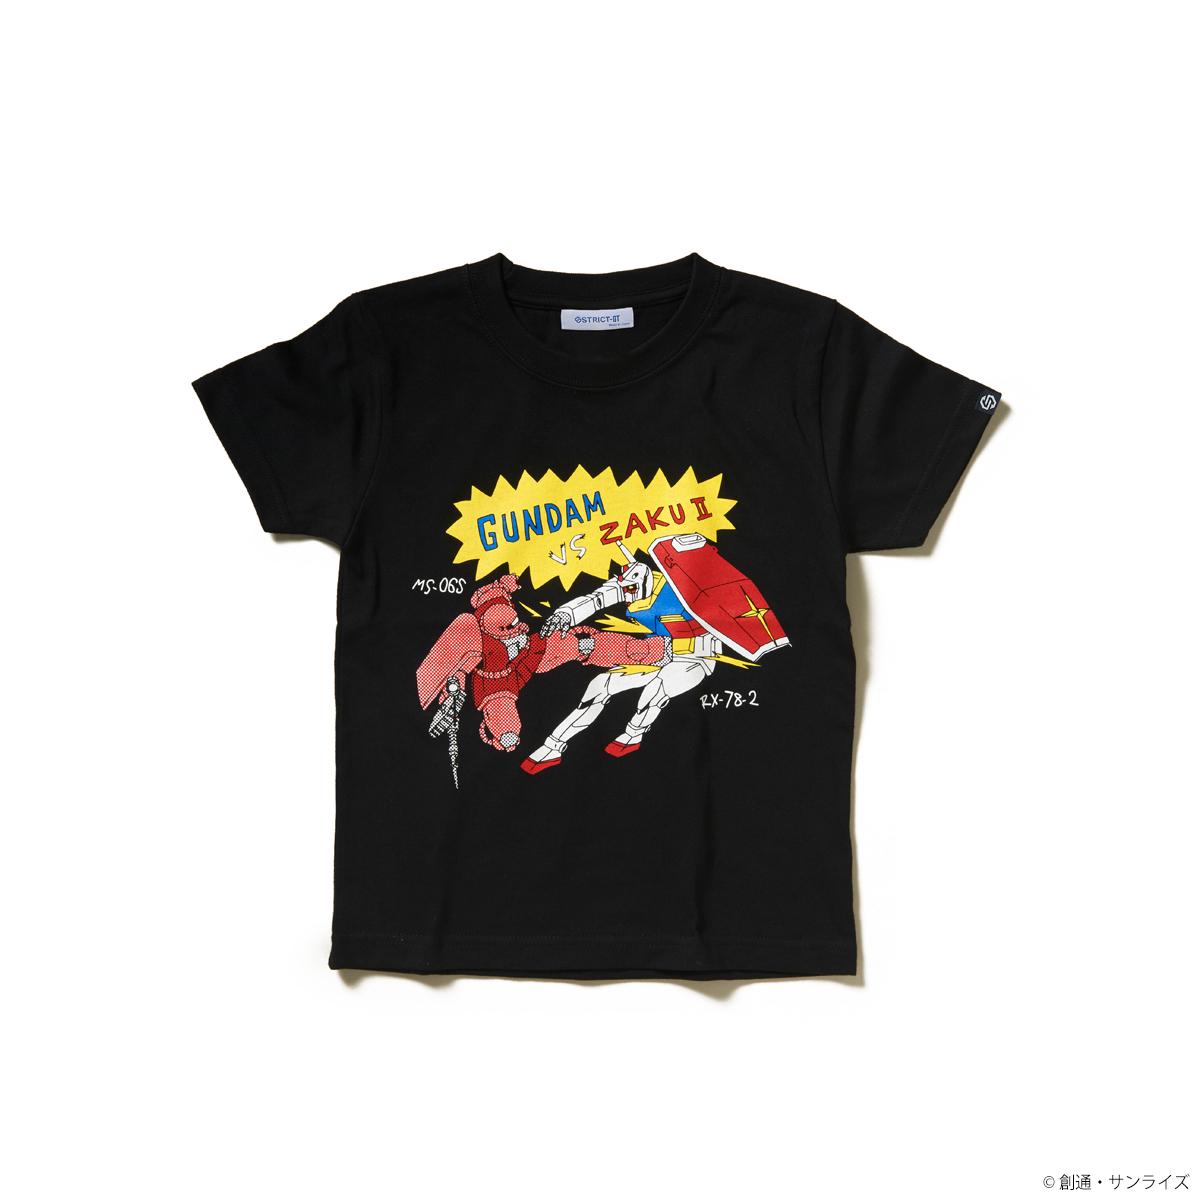 『機動戦士ガンダム』キッズTシャツ ザクキック柄